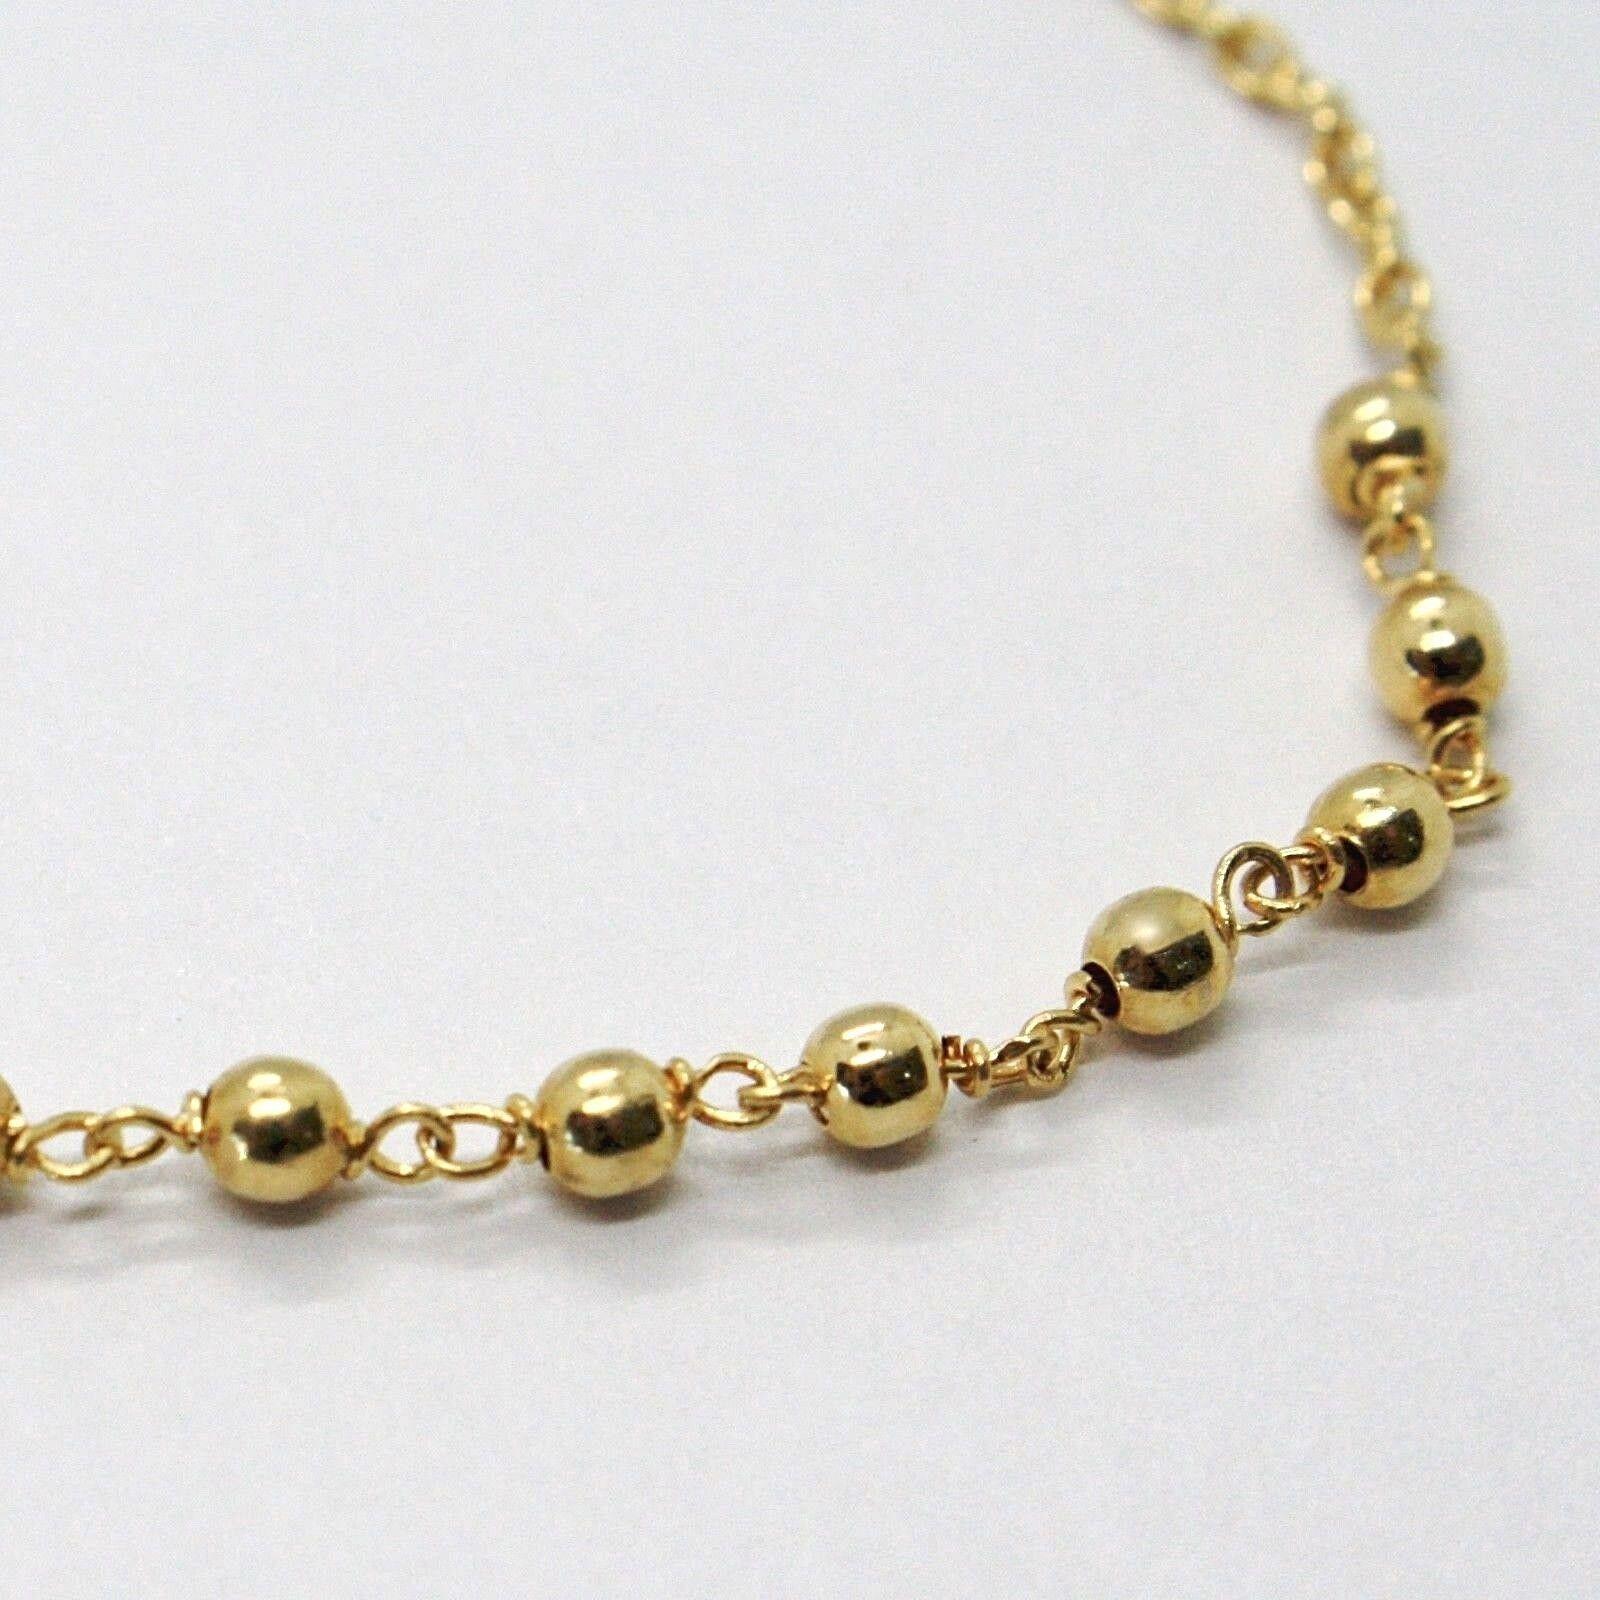 Pulsera Oro Amarillo 18K 750 , Rosario, Esferas 2.5 mm, Cruz, Medalla Milagrosa image 2